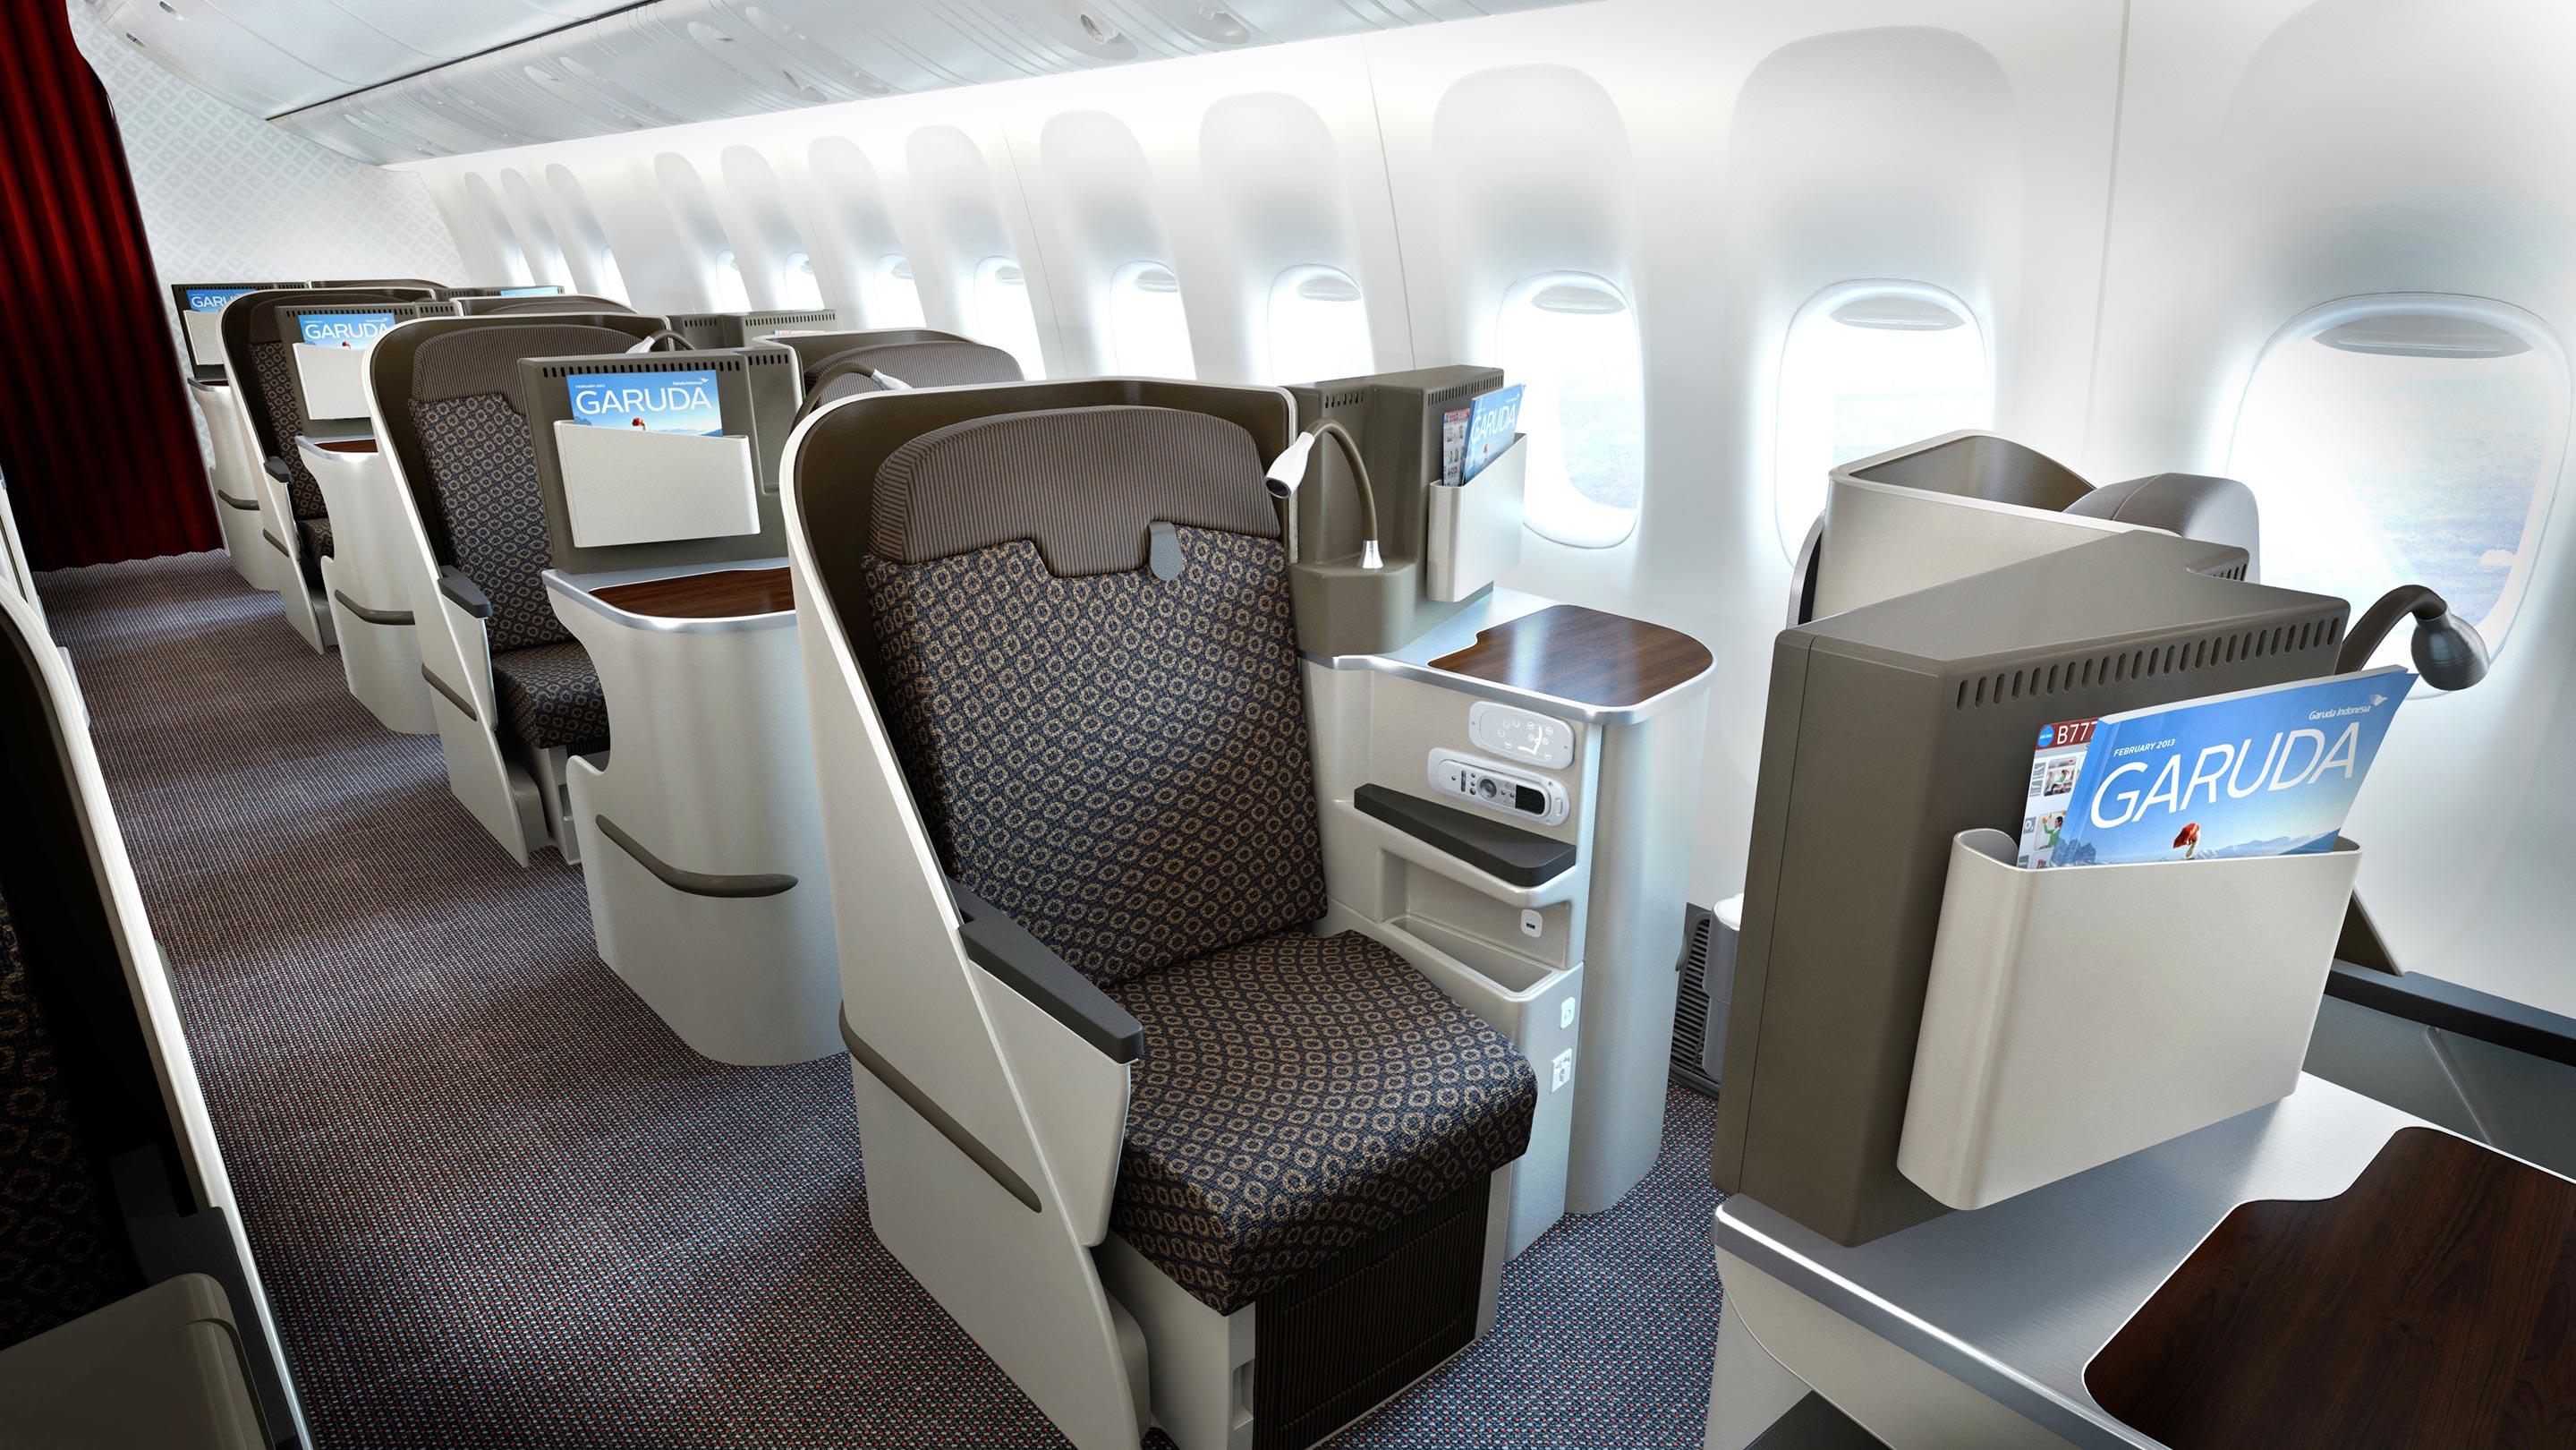 ビジネスクラスはプライベートが確保された空間で、しっかり疲れを取れる。